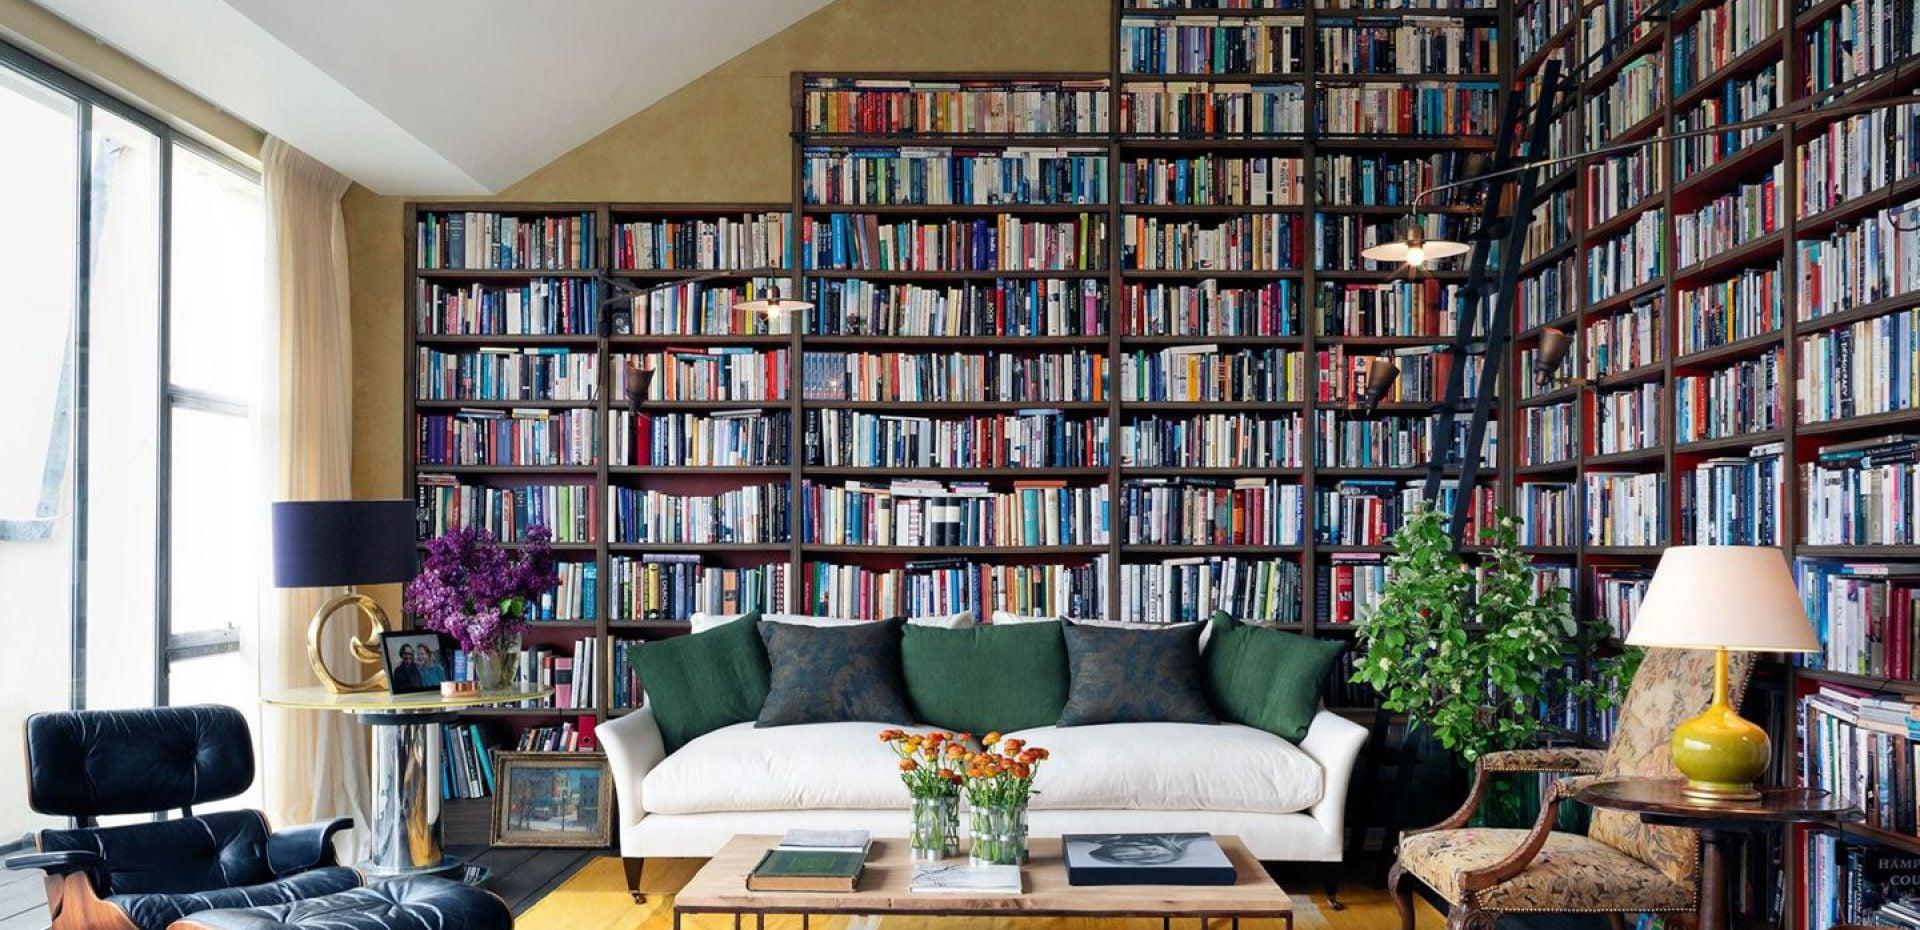 از قفسههای کتاب بیزارم